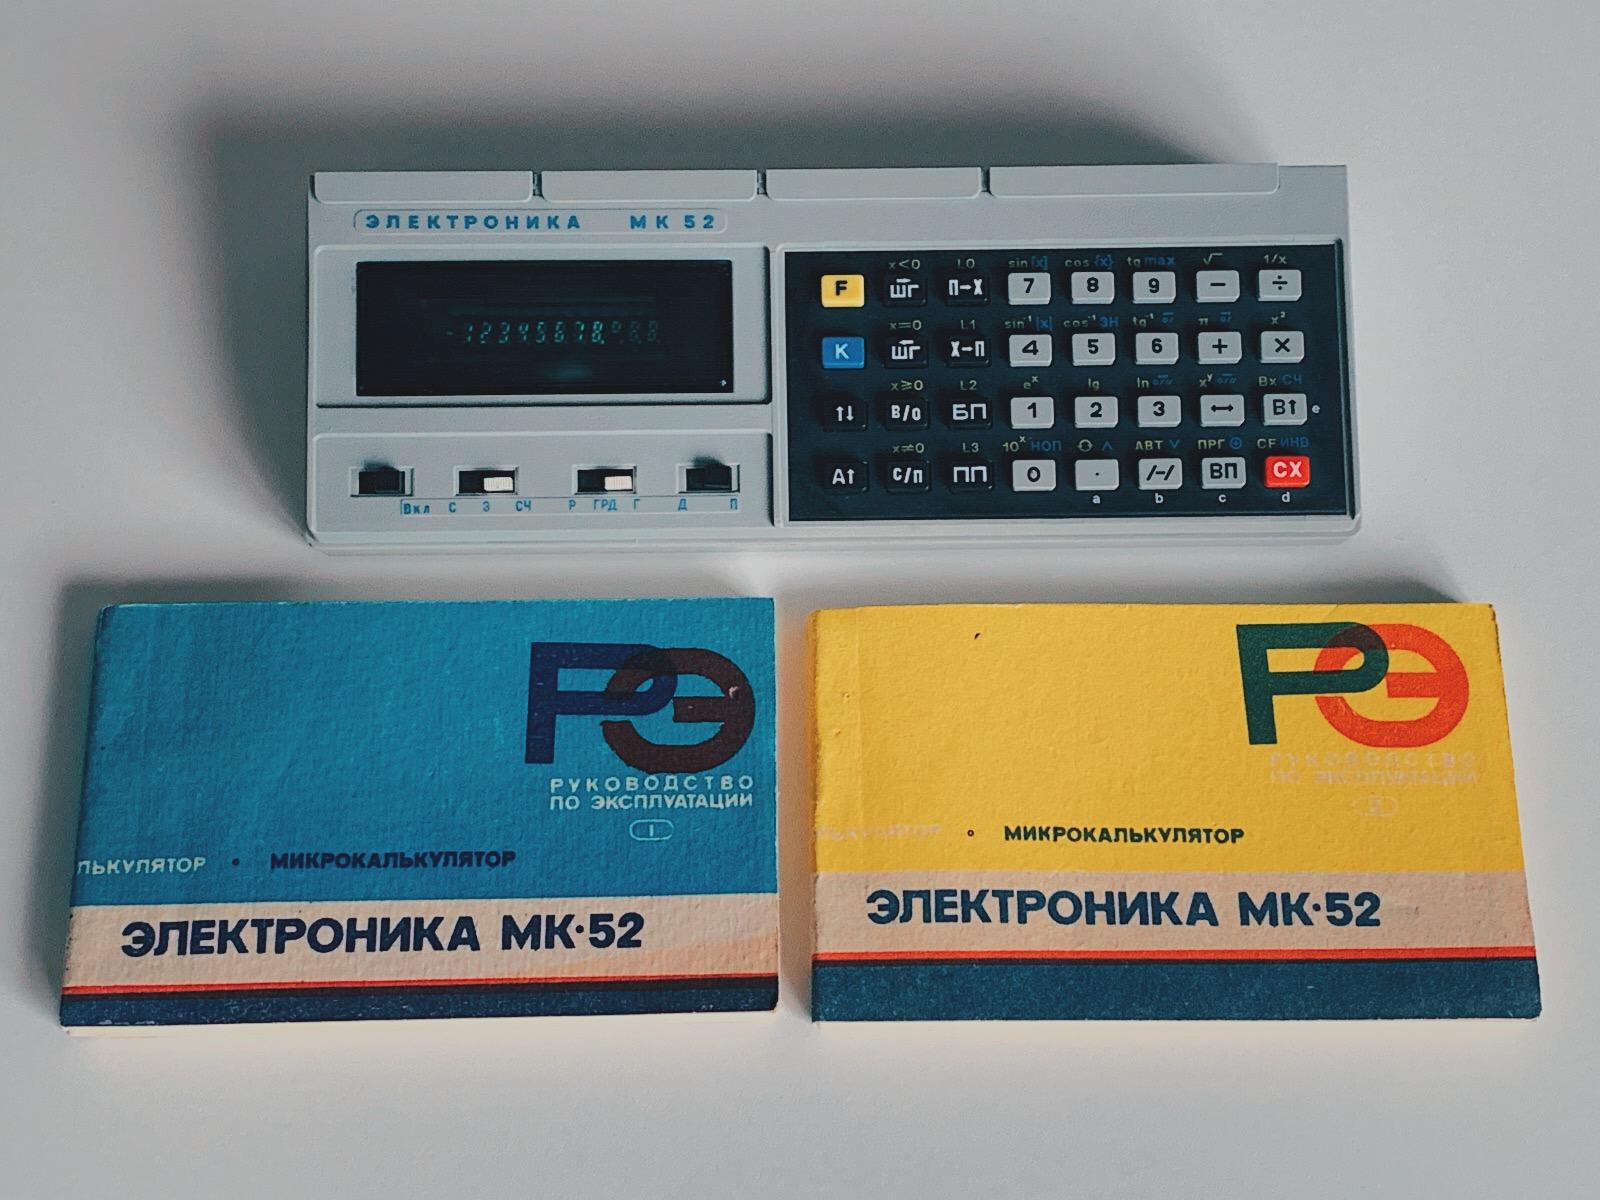 Музей DataArt. Лунолет и советские калькуляторы - 3